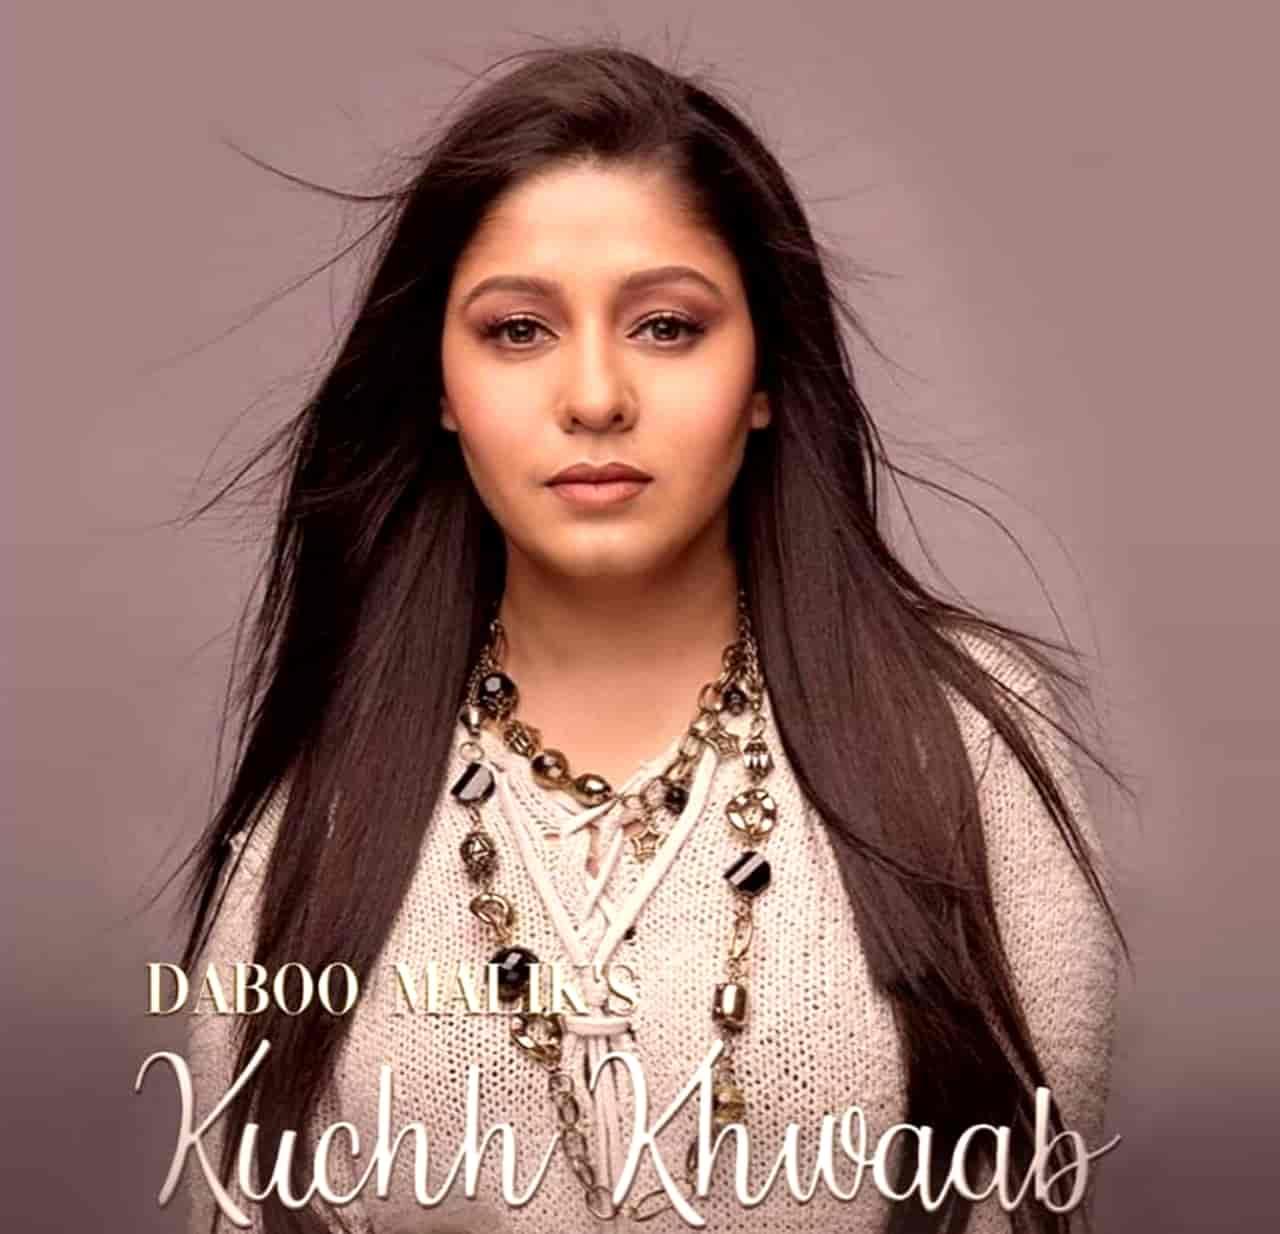 Kuchh Khwaab Hindi Song Image Features Sunidhi Chauhan